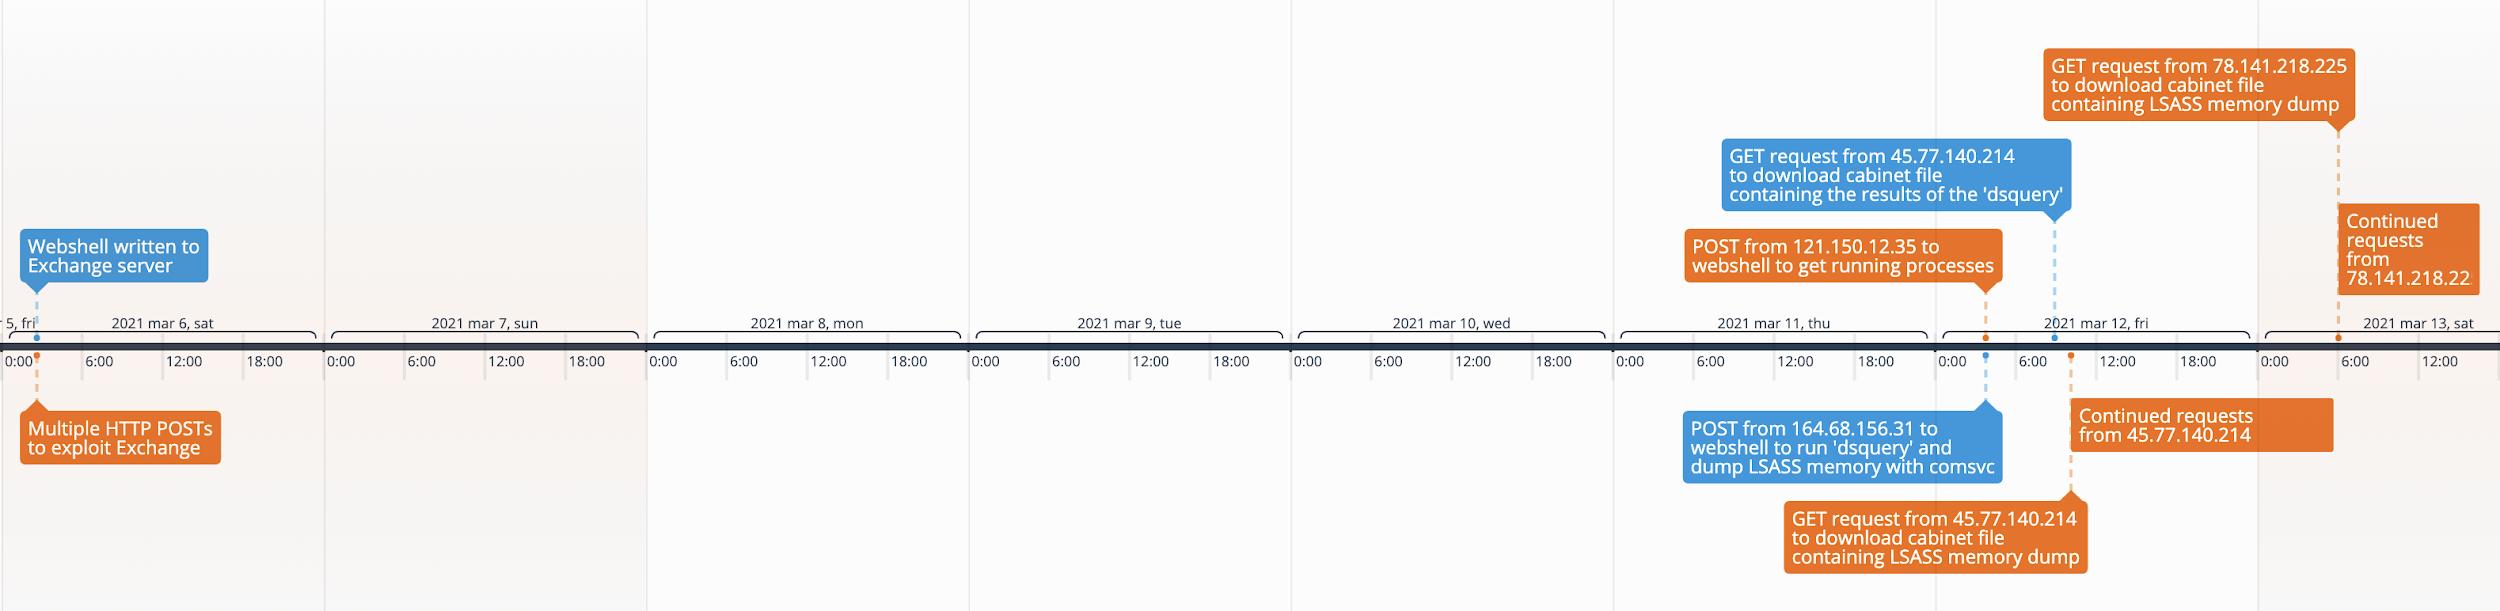 このタイムラインは、2021年3月6日に観察されたアクティビティの開始から、最終的に認証情報収集の試みが失敗するまでの過程で、Exchange Serverに関連付けられたアクターのアクティビティを追跡したものです。